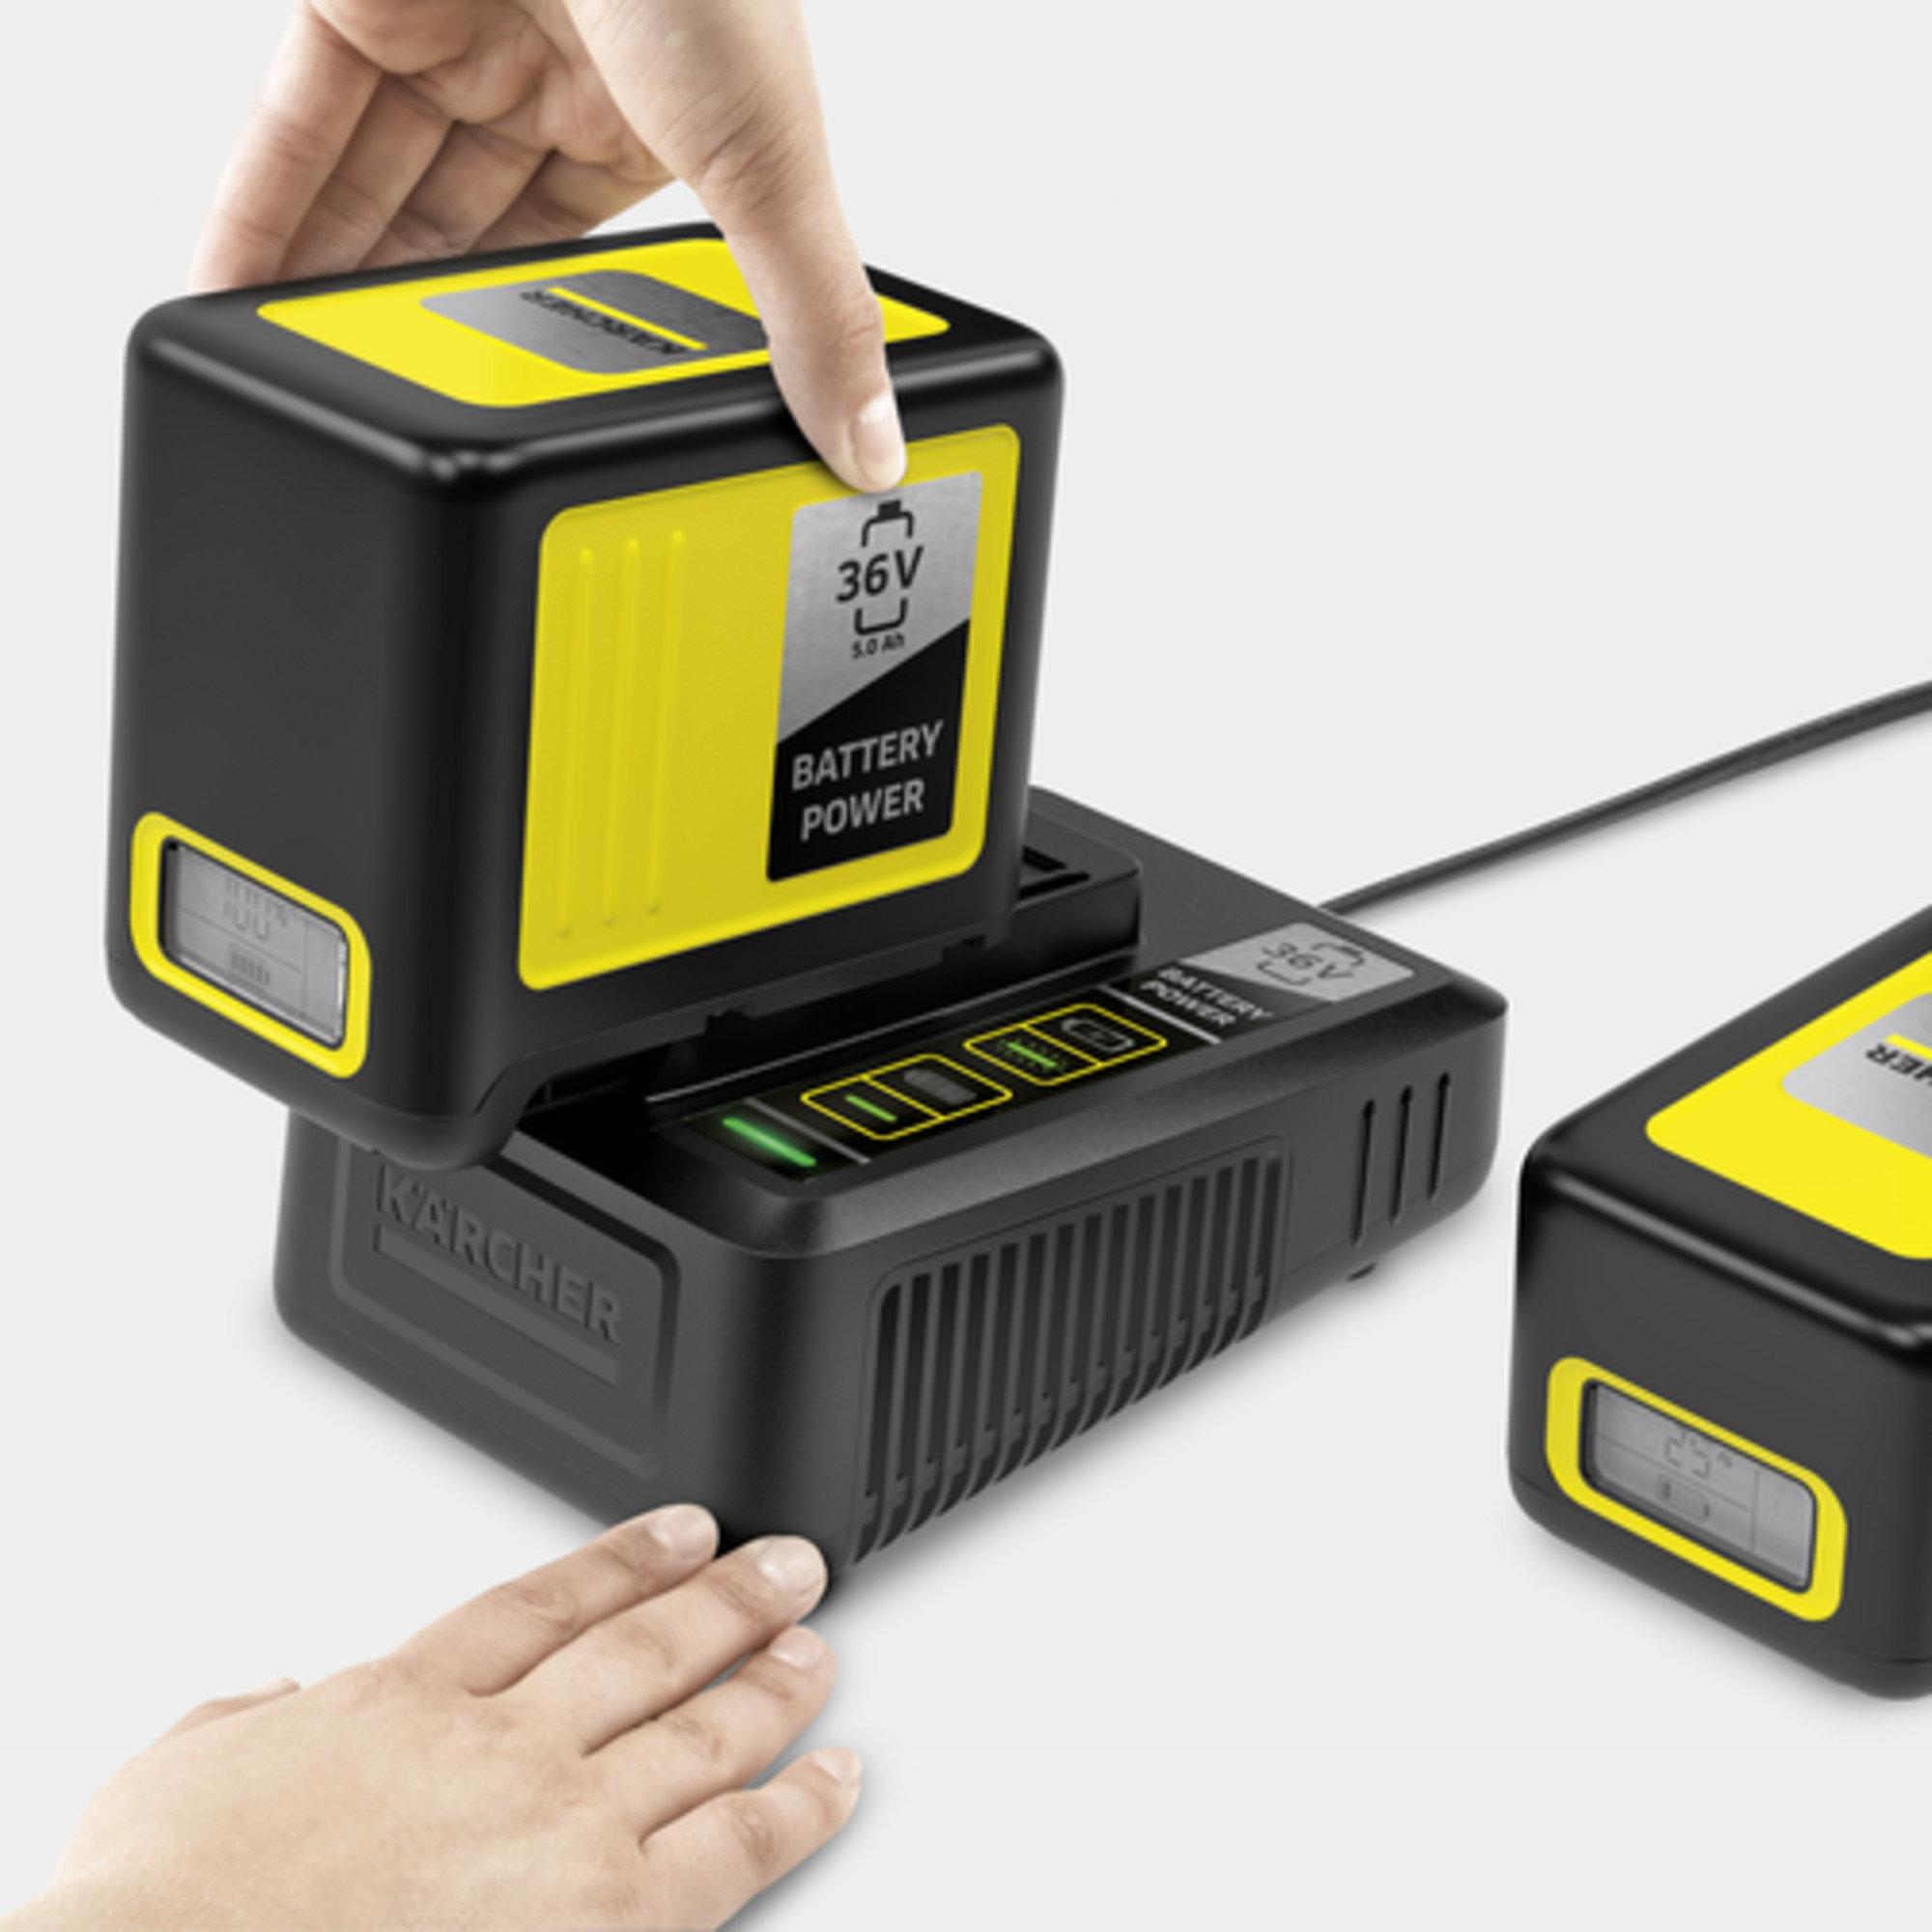 Kiirlaadija Battery Power 36 V: Palju kasutusvõimalusi